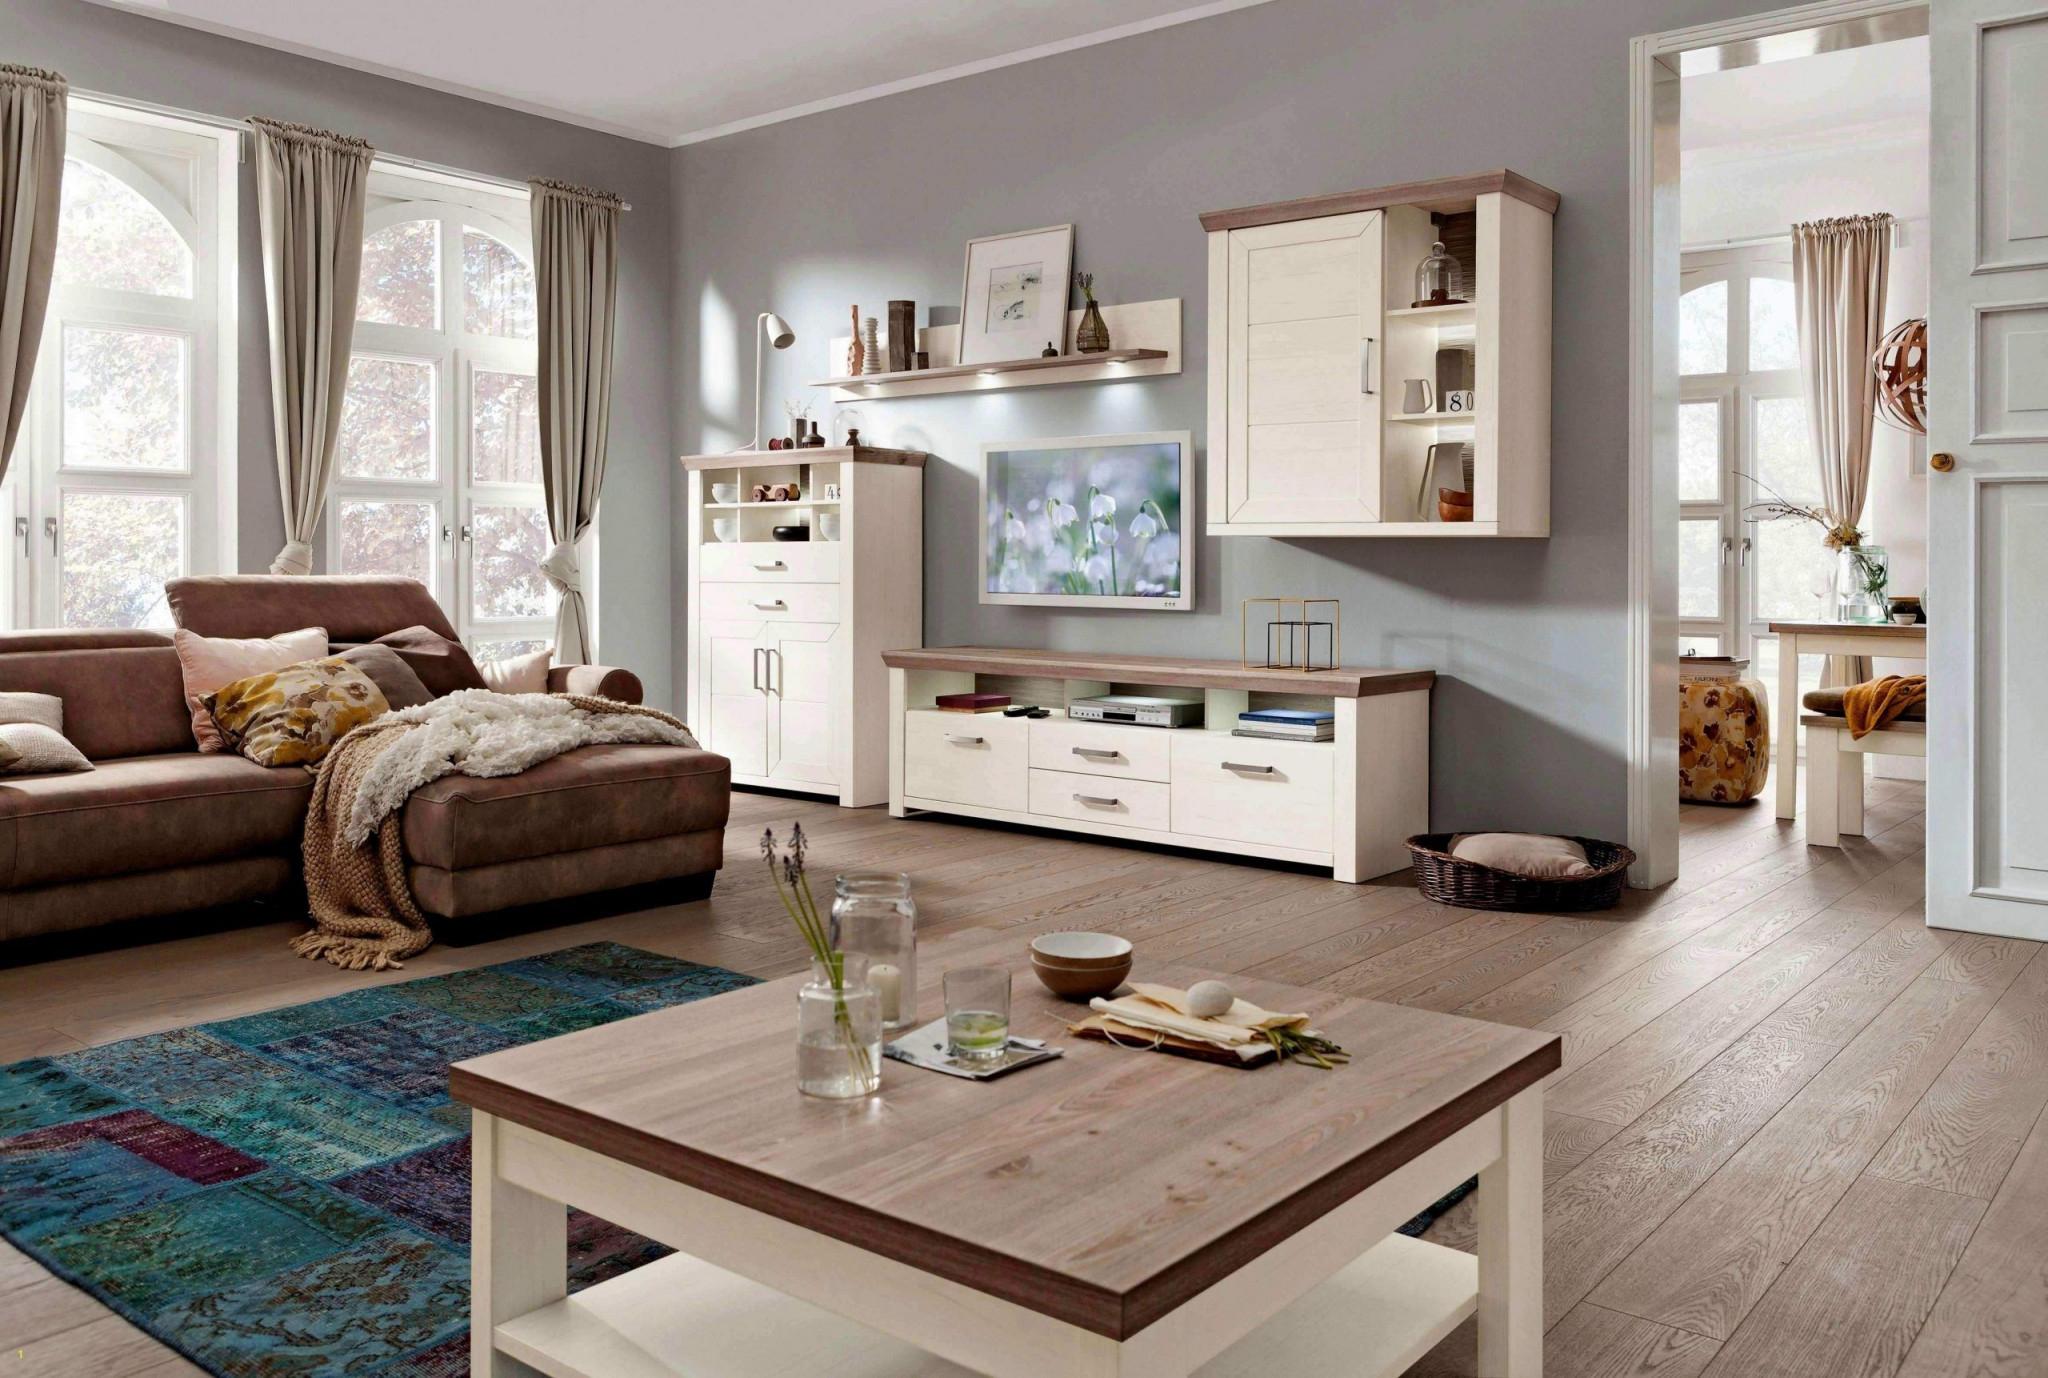 22 Elegante Moderne Wohnzimmer Ideen Die Sie Möchten 11 In von Wohnzimmer Einrichten Landhausstil Bild